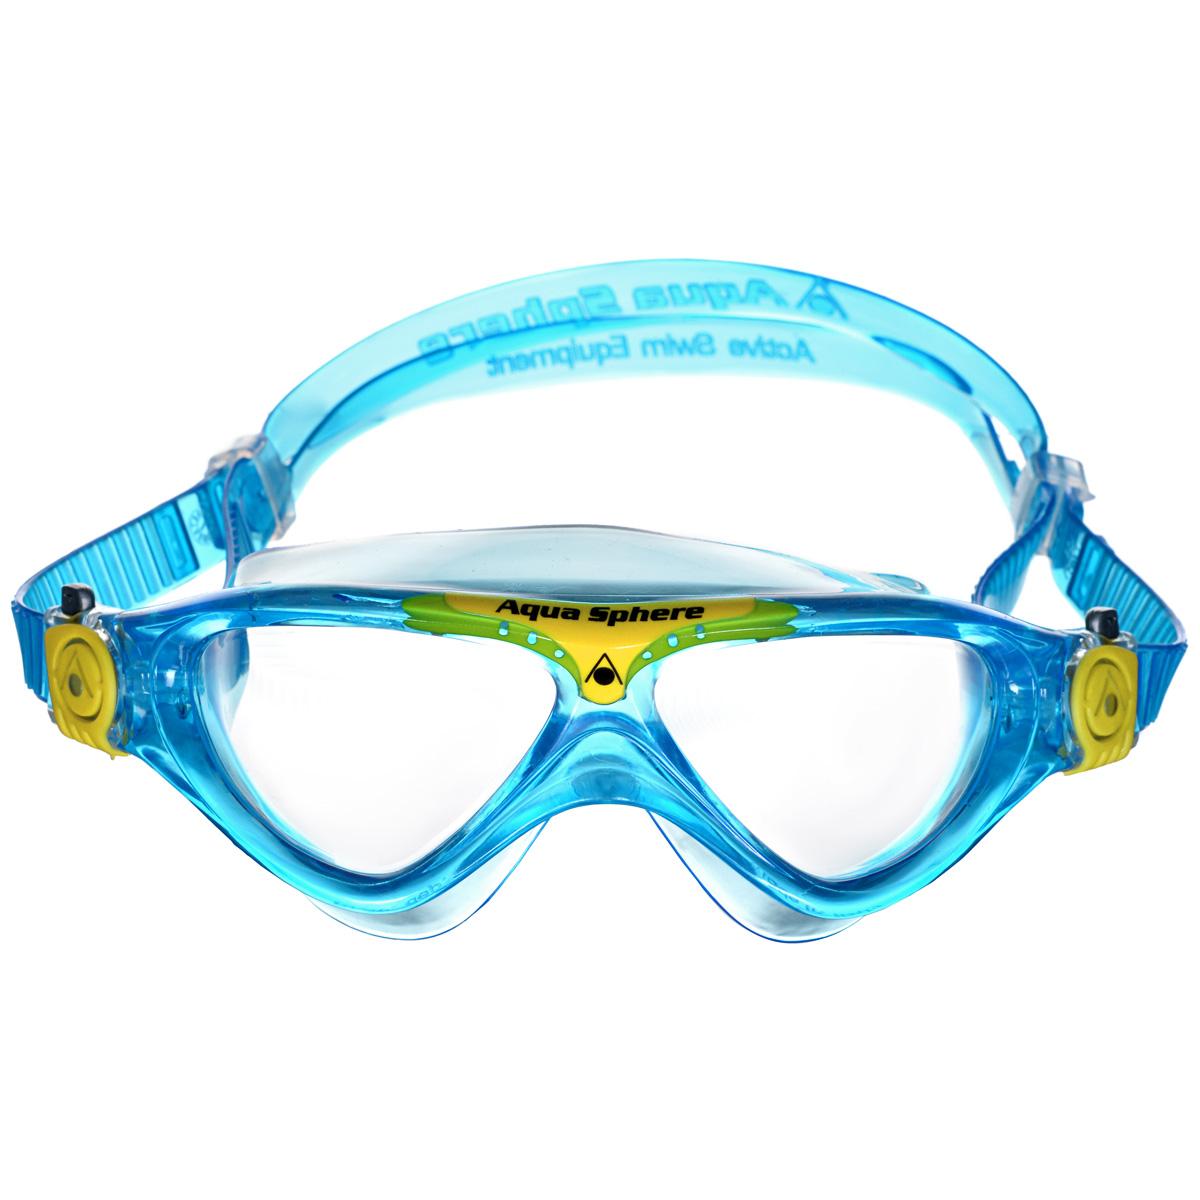 Очки для плавания Aqua Sphere Vista Junior, цвет: аквамарин, желтыйTN 170980Модные и стильные очки для плавания Aqua Sphere Vista Junior идеально подходят для плавания в бассейне или открытой воде. Оснащены линзами с антизапотевающим покрытием, которые устойчивы к появлению царапин. Мягкий комфортный обтюратор плотно прилегает к лицу.Запатентованные изогнутые линзы дают прекрасный обзор на 180° - без искажений. Очки дают 100% защиту от ультрафиолетового излучения спектра А и спектра В.Материал: плексисол, силикон.